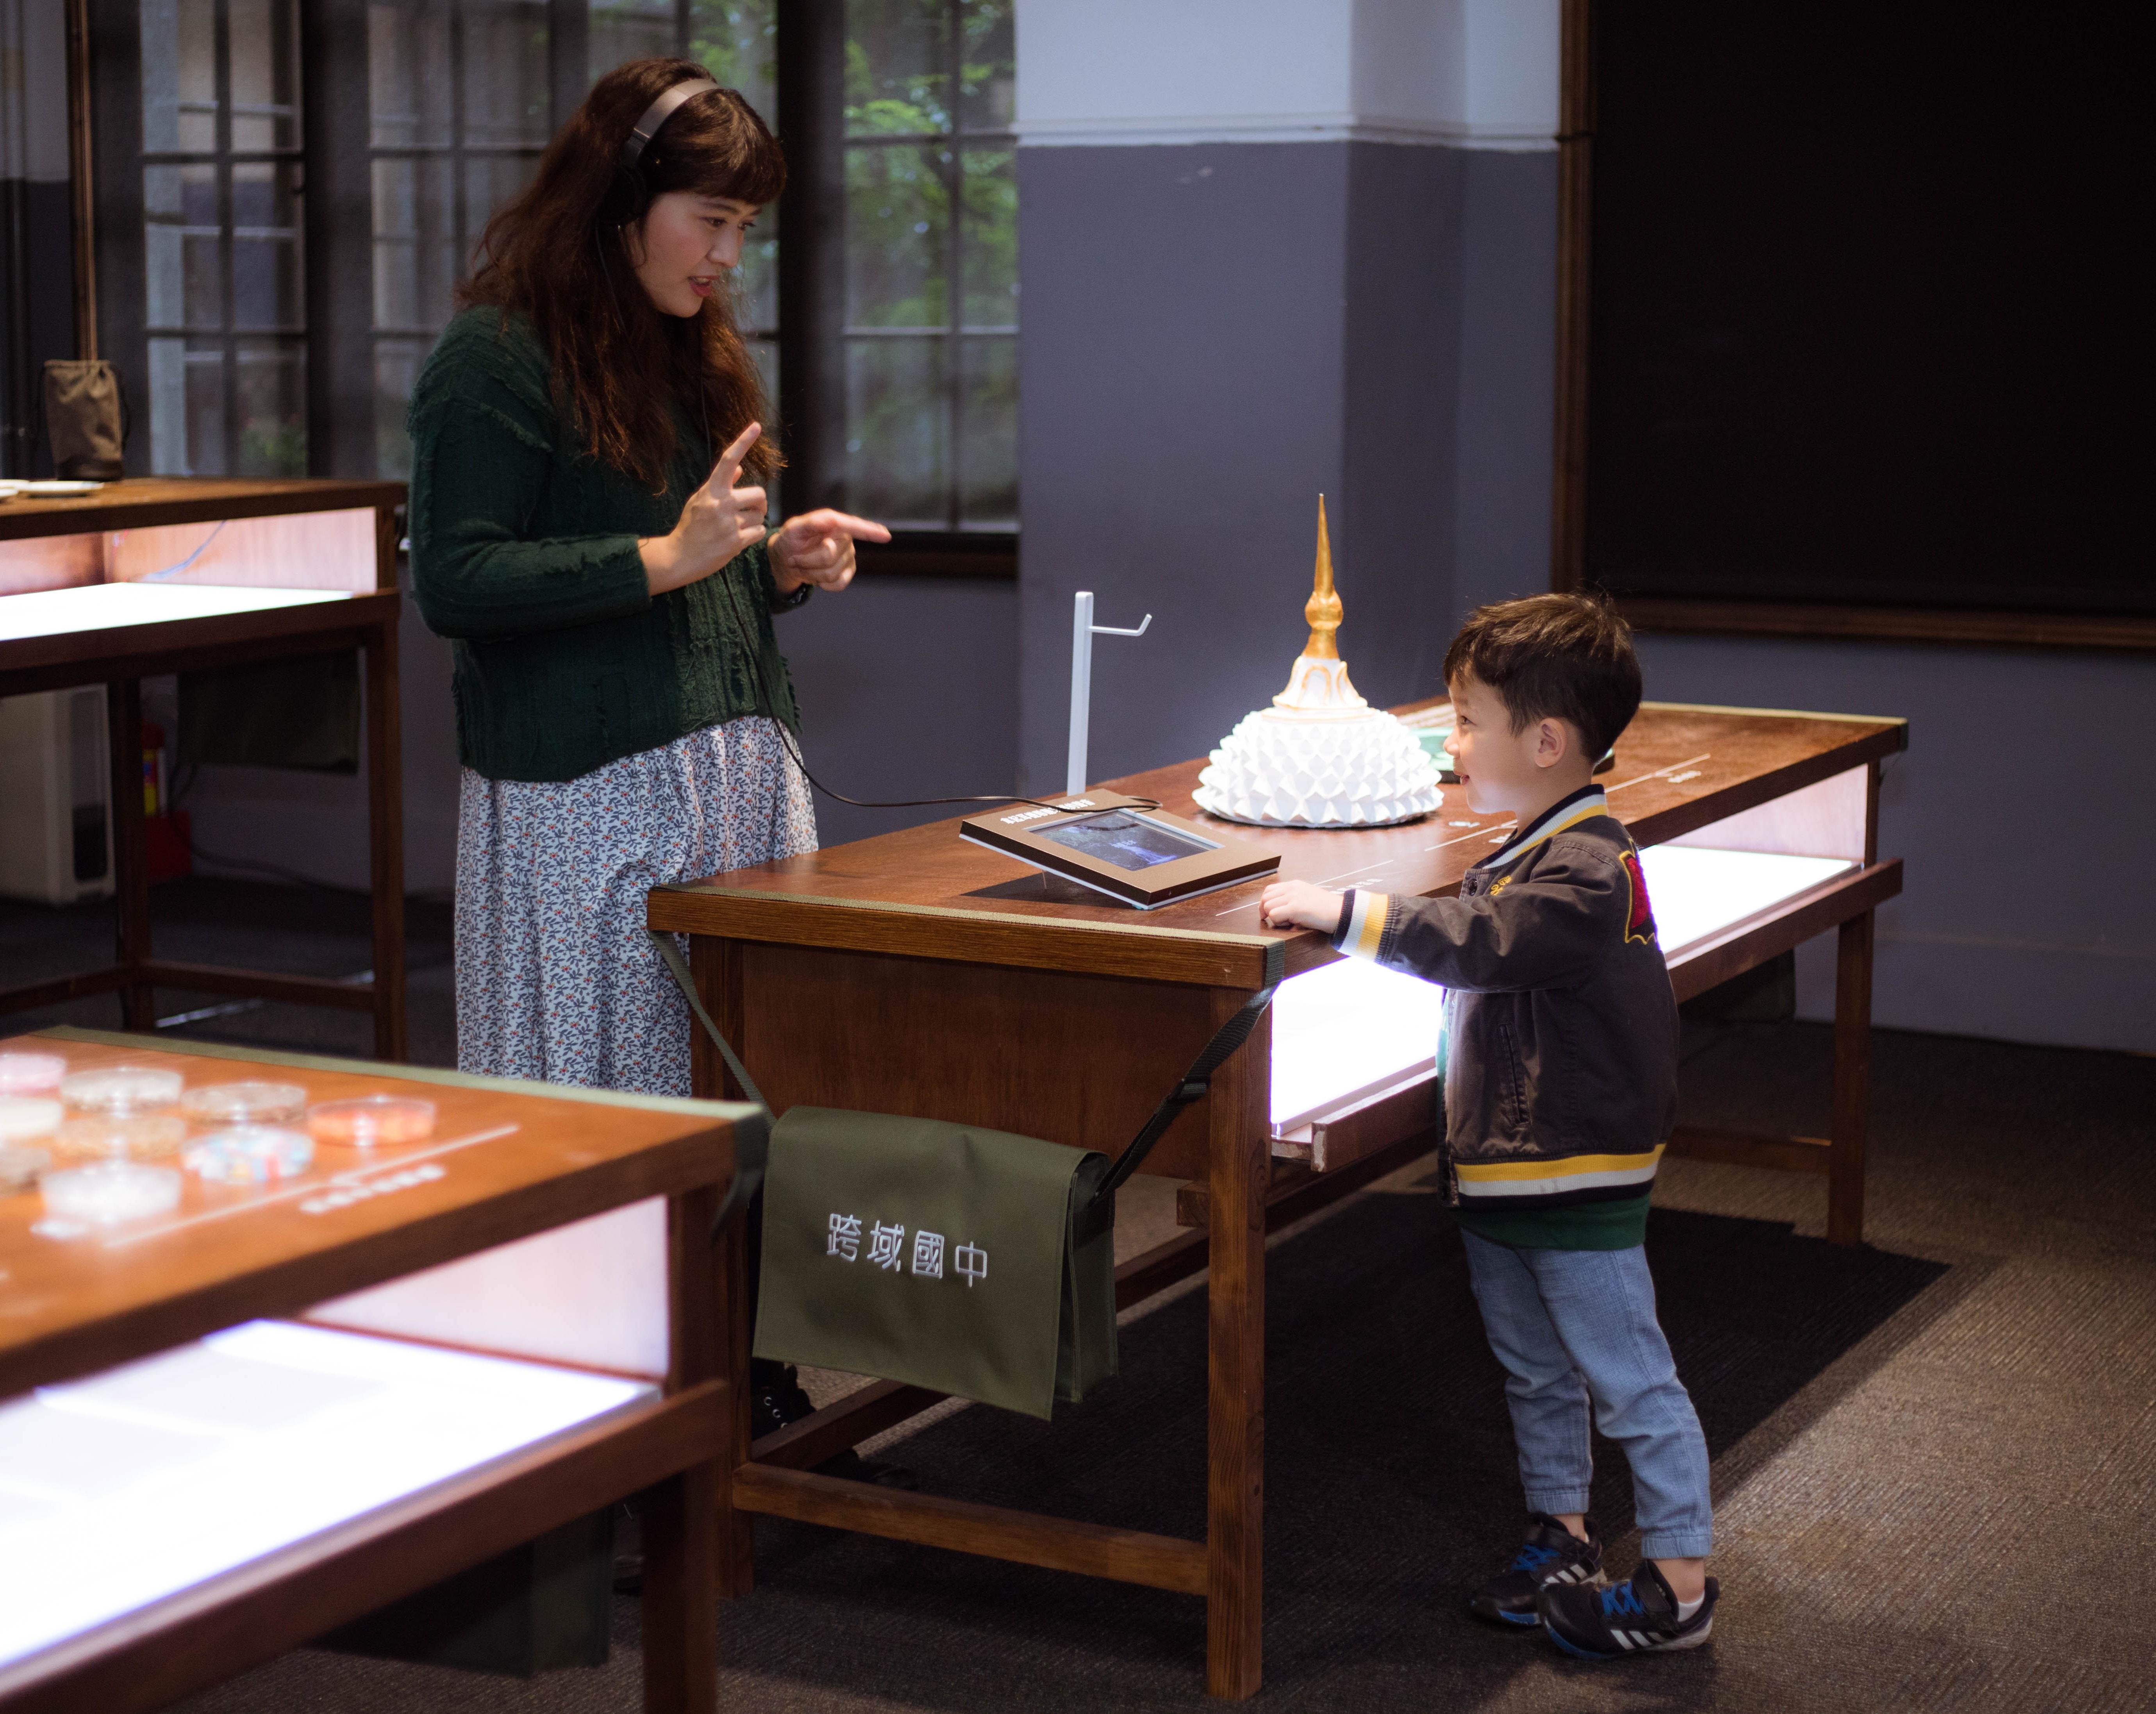 教室掃具間也是座「美術館」-把美感藏進教育裡